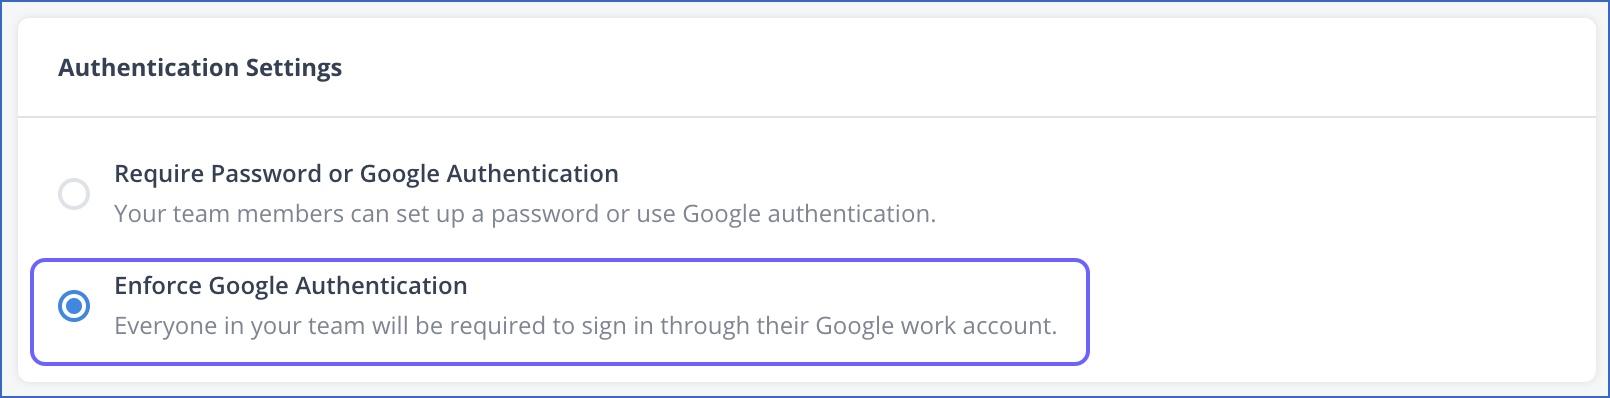 Enforce Google Authentiation